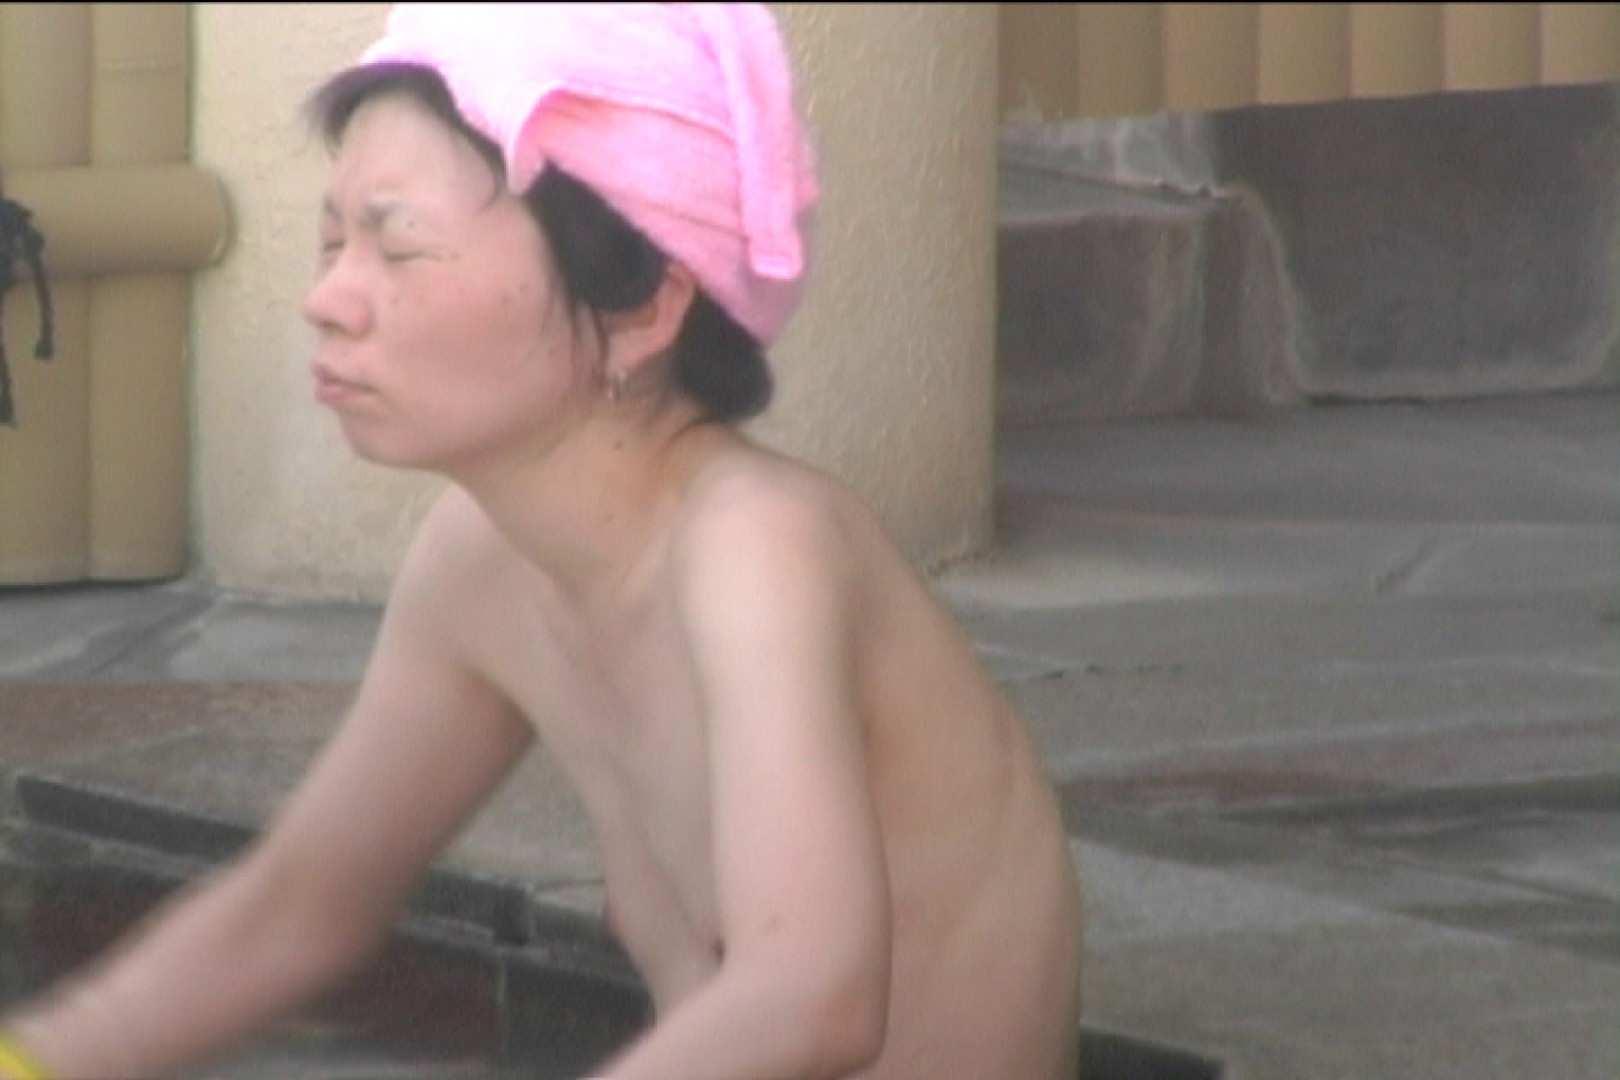 Aquaな露天風呂Vol.525 OLのエロ生活 盗み撮り動画キャプチャ 106連発 29